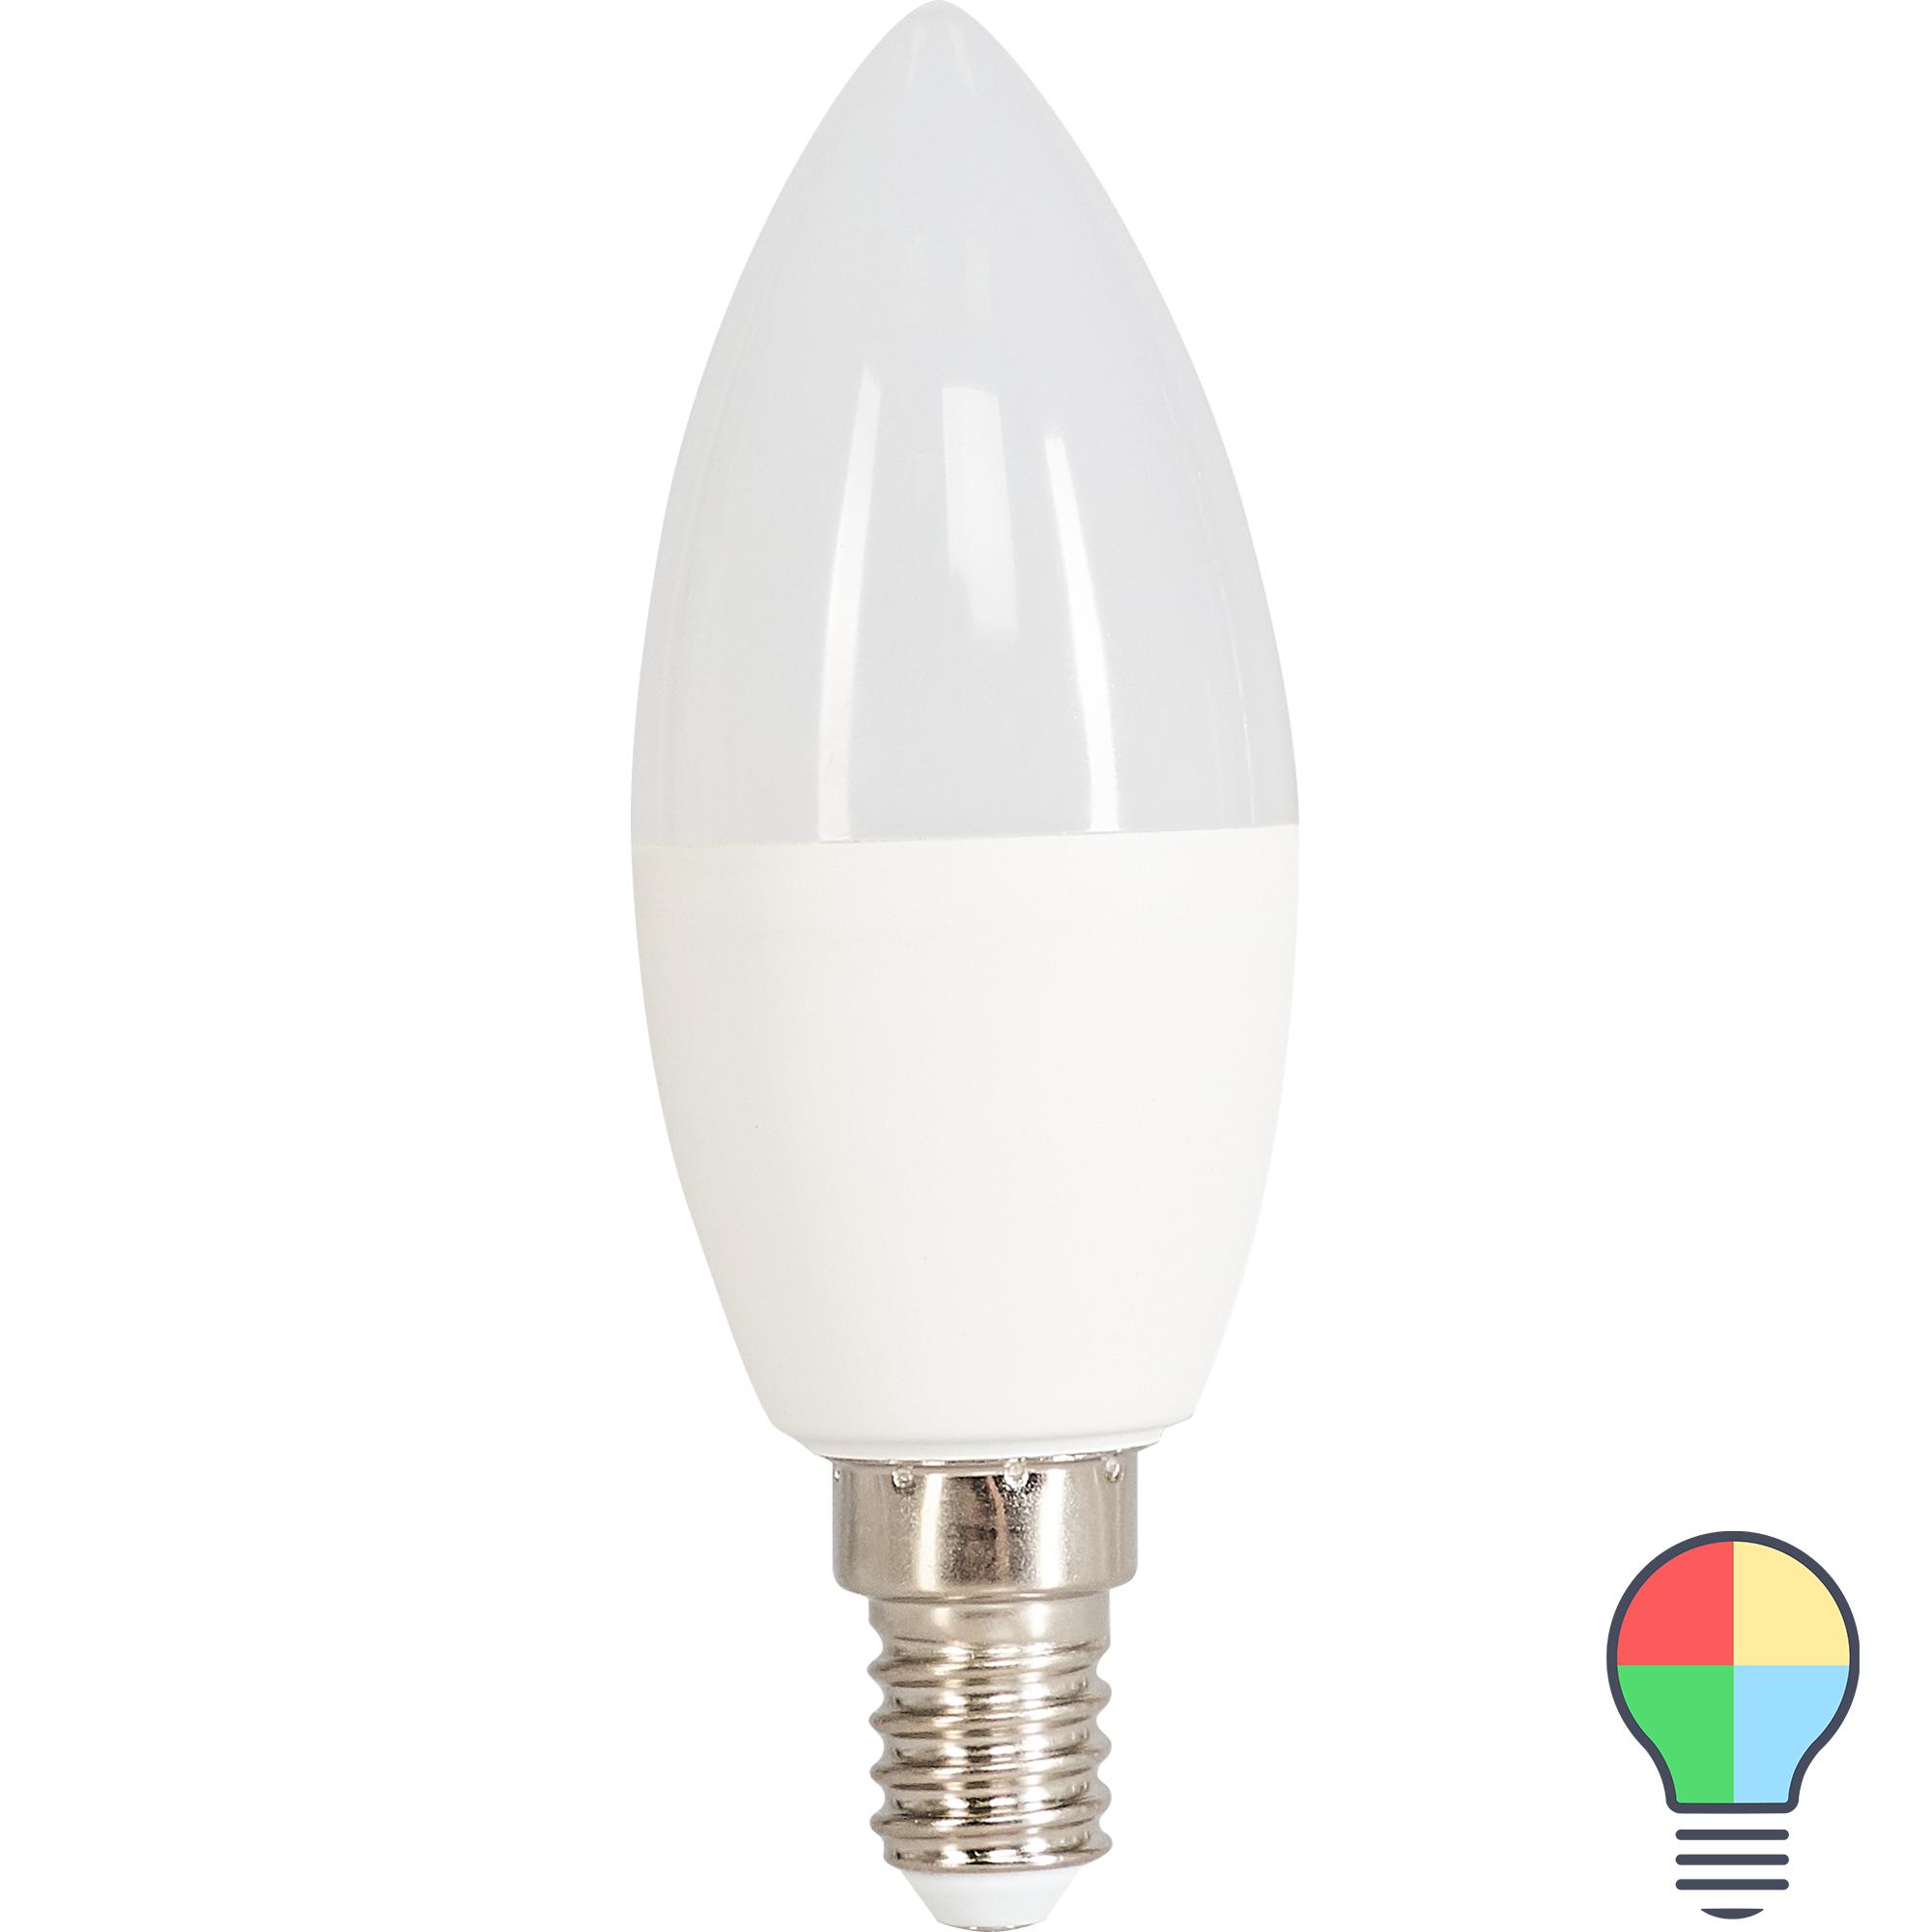 Лампа светодиодная Osram E14 220-240 В 5.5 Вт свеча 470 лм свет RGB